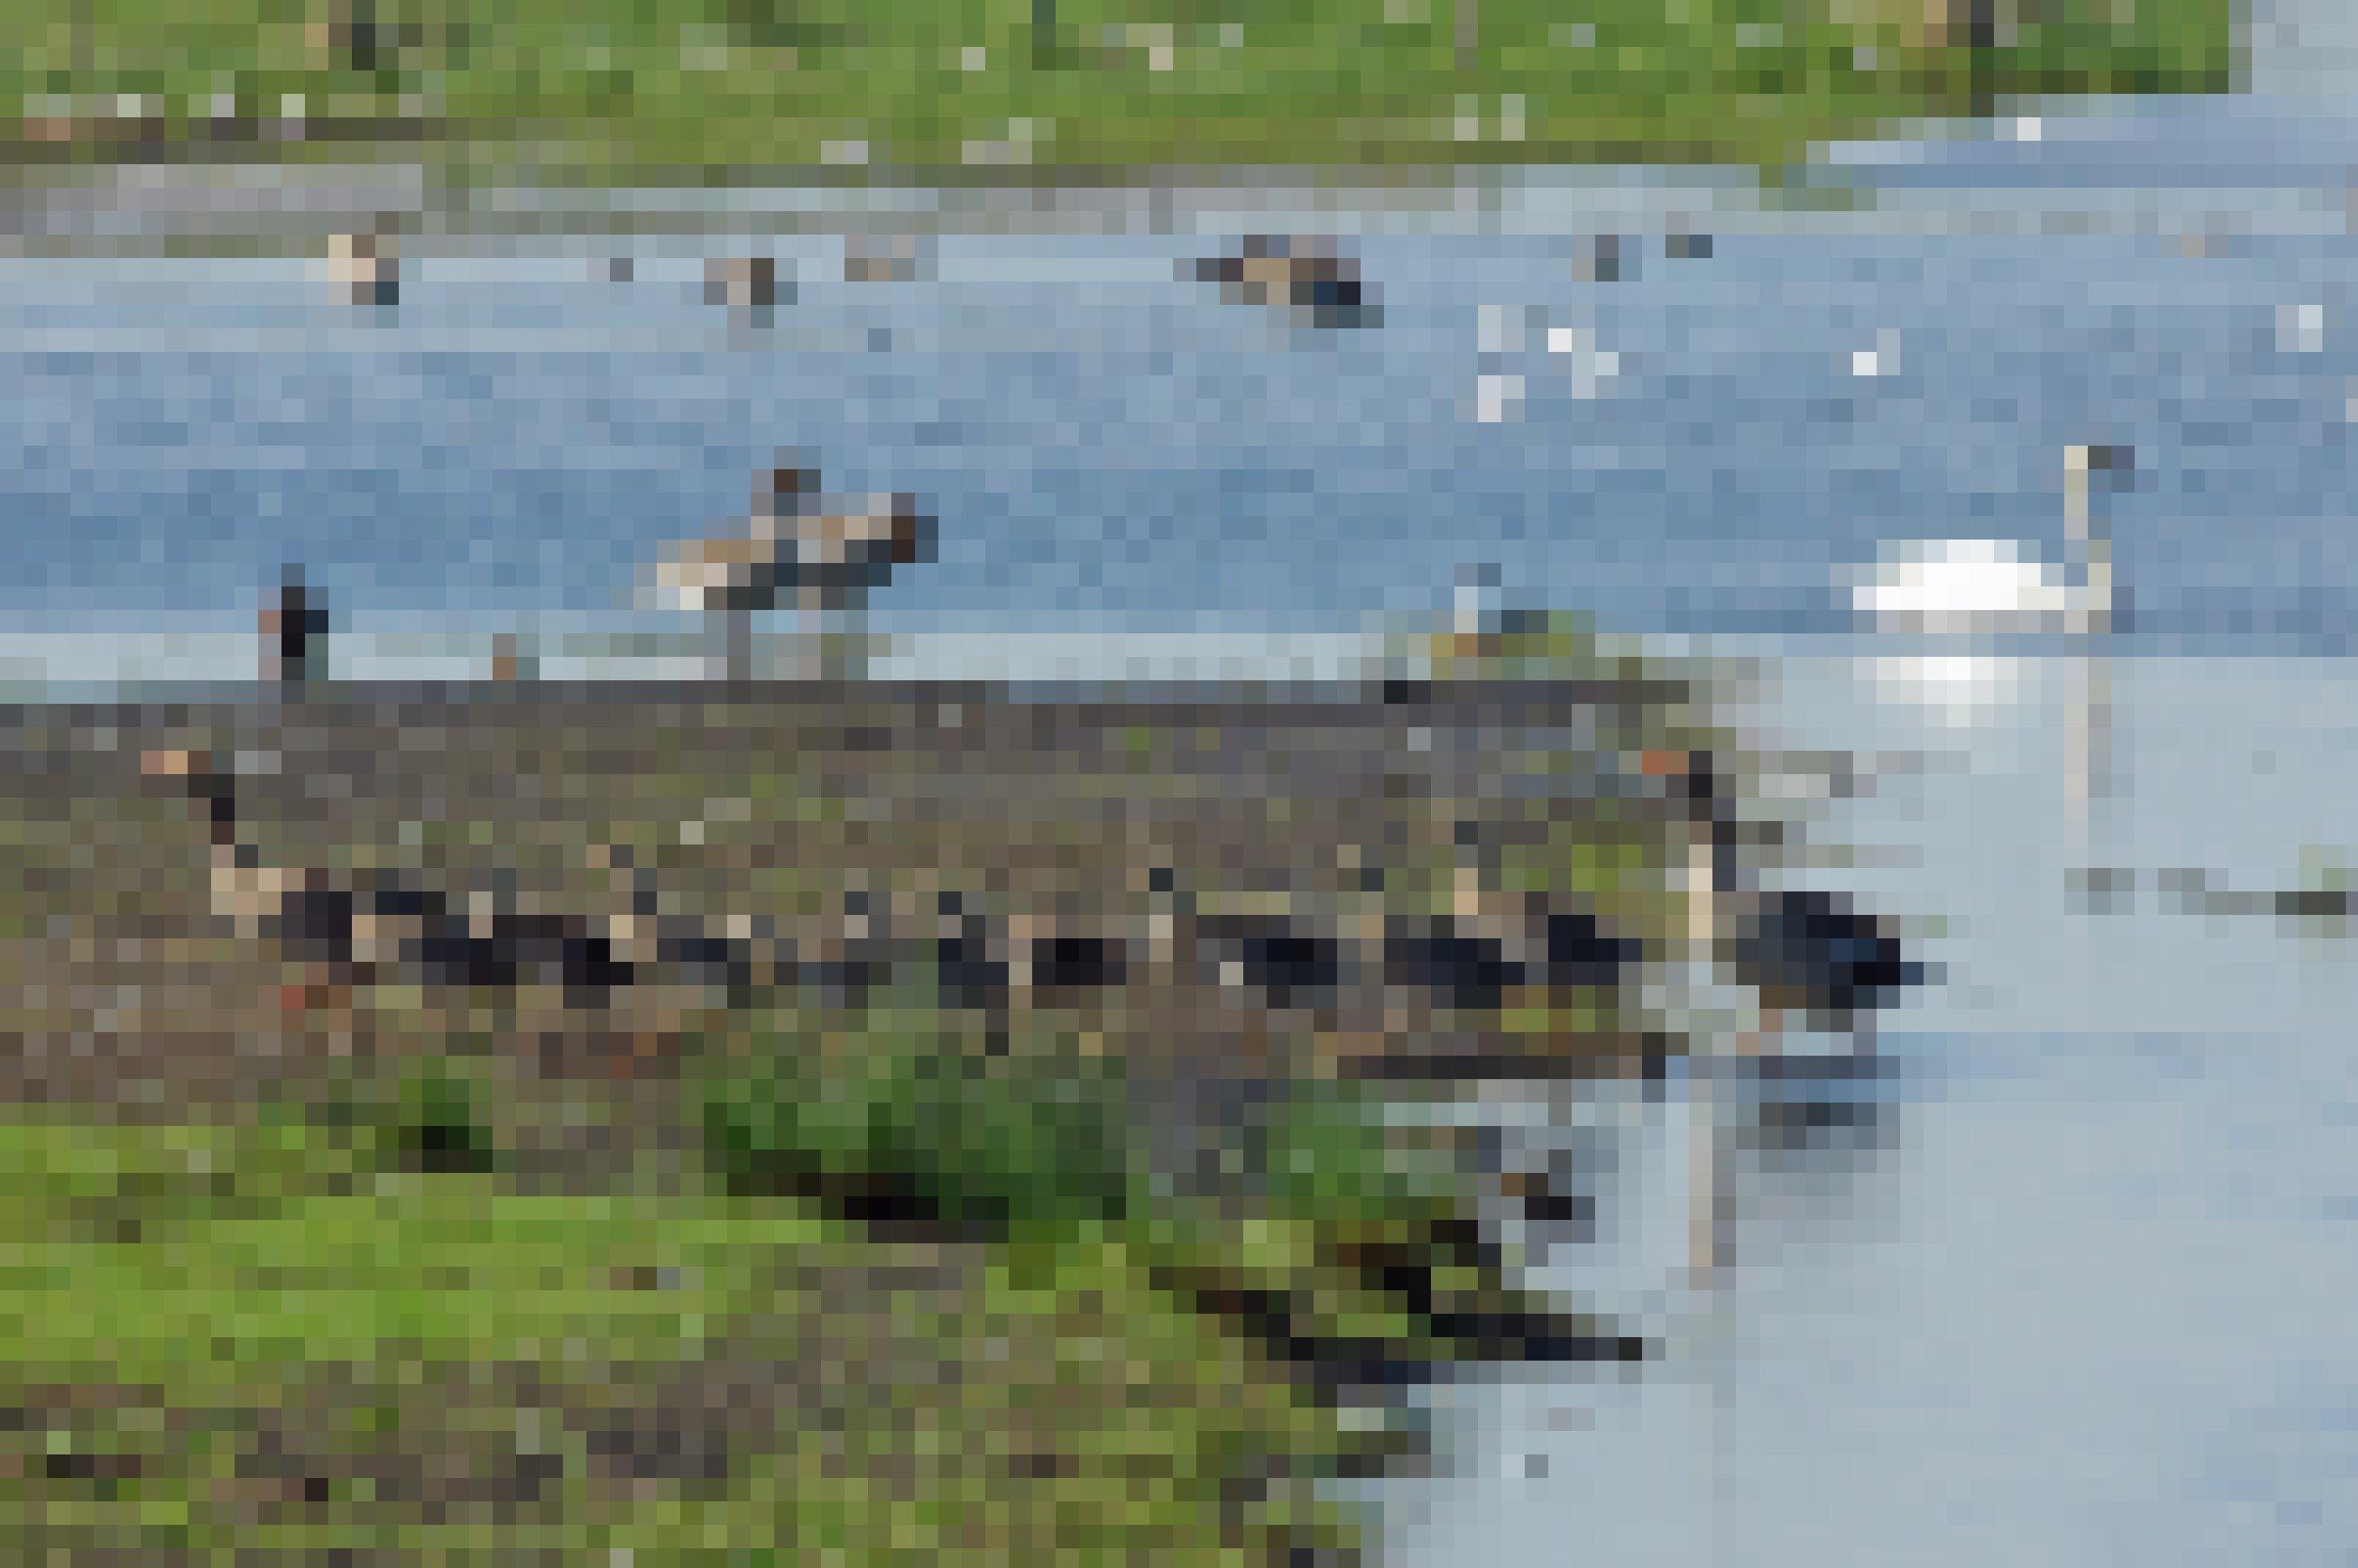 Ein Grauganspaar mit zehn Gösseln, sie kommen gerade im Gänsemarsch aus dem Wasser. Graugänse haben in den letzten Jahren am Dümmer stark zugenommen